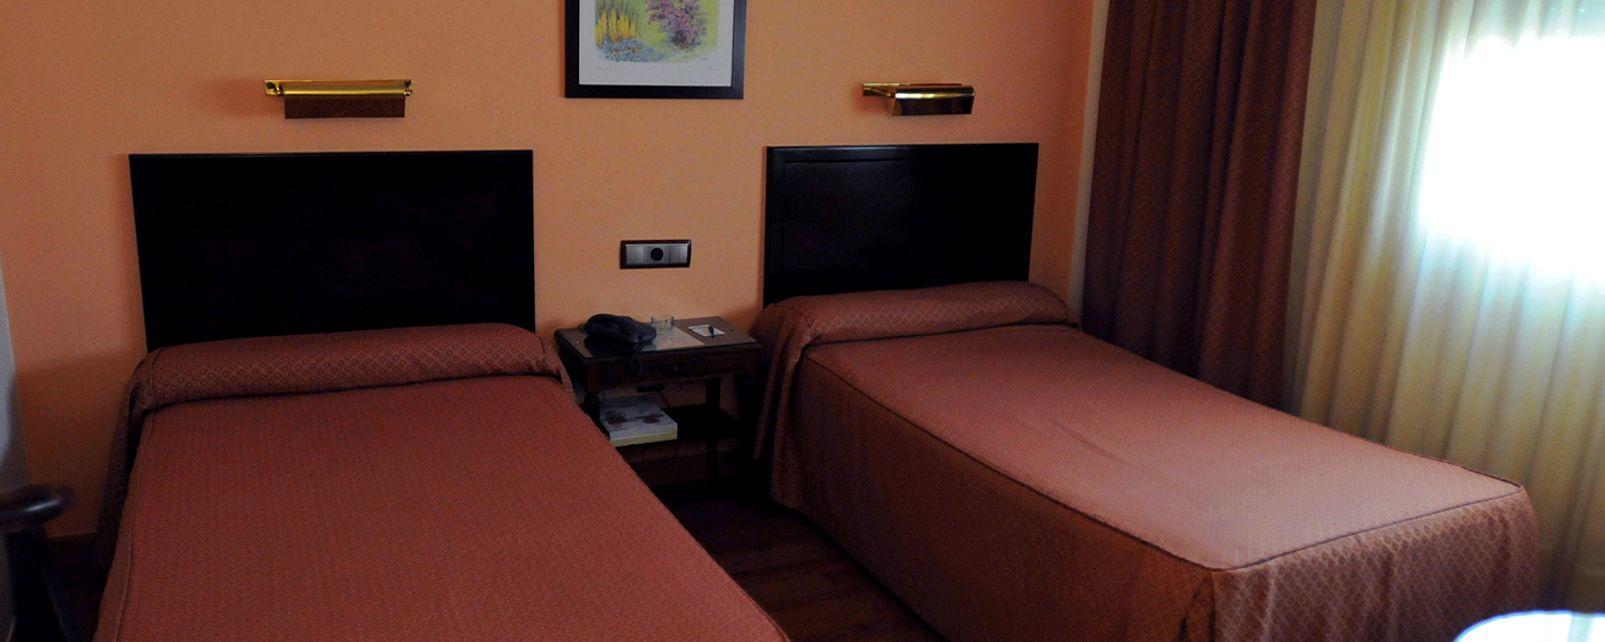 Hotel monte triana in seville spain - Hotel monte triana seville ...